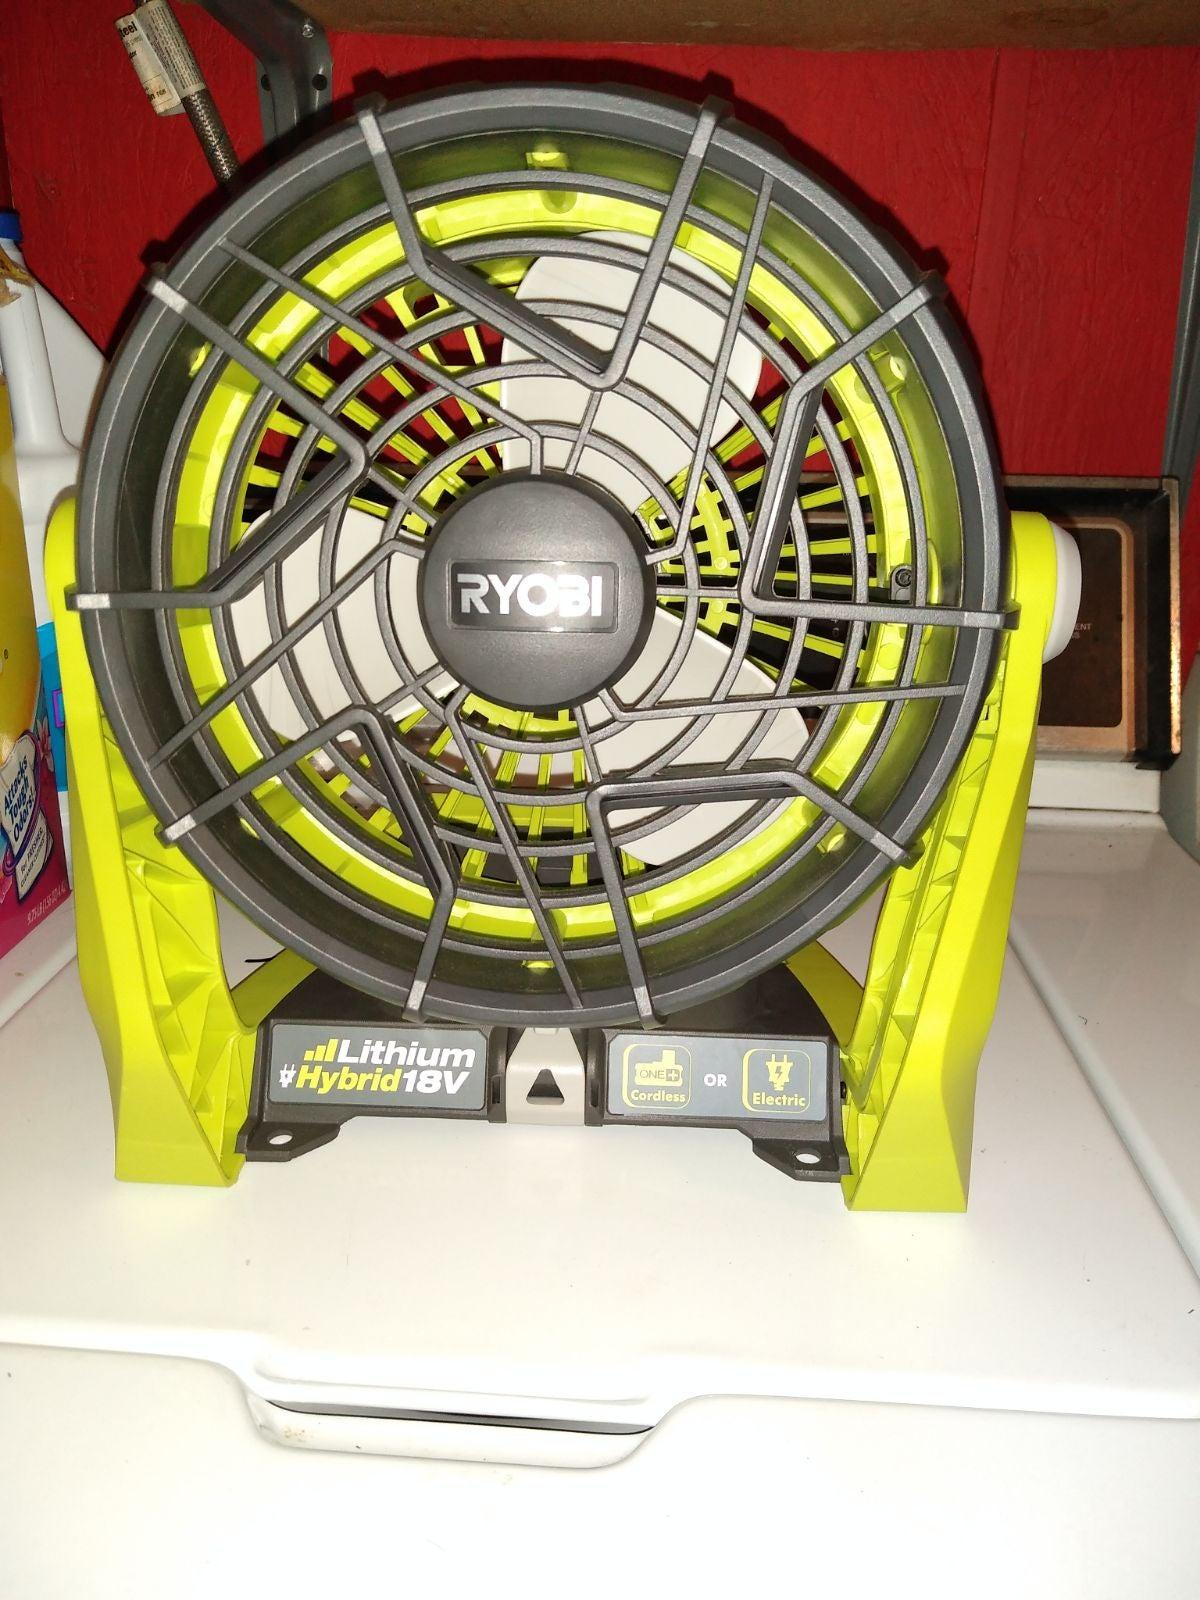 Ryobi lithium hybrid 18v fan